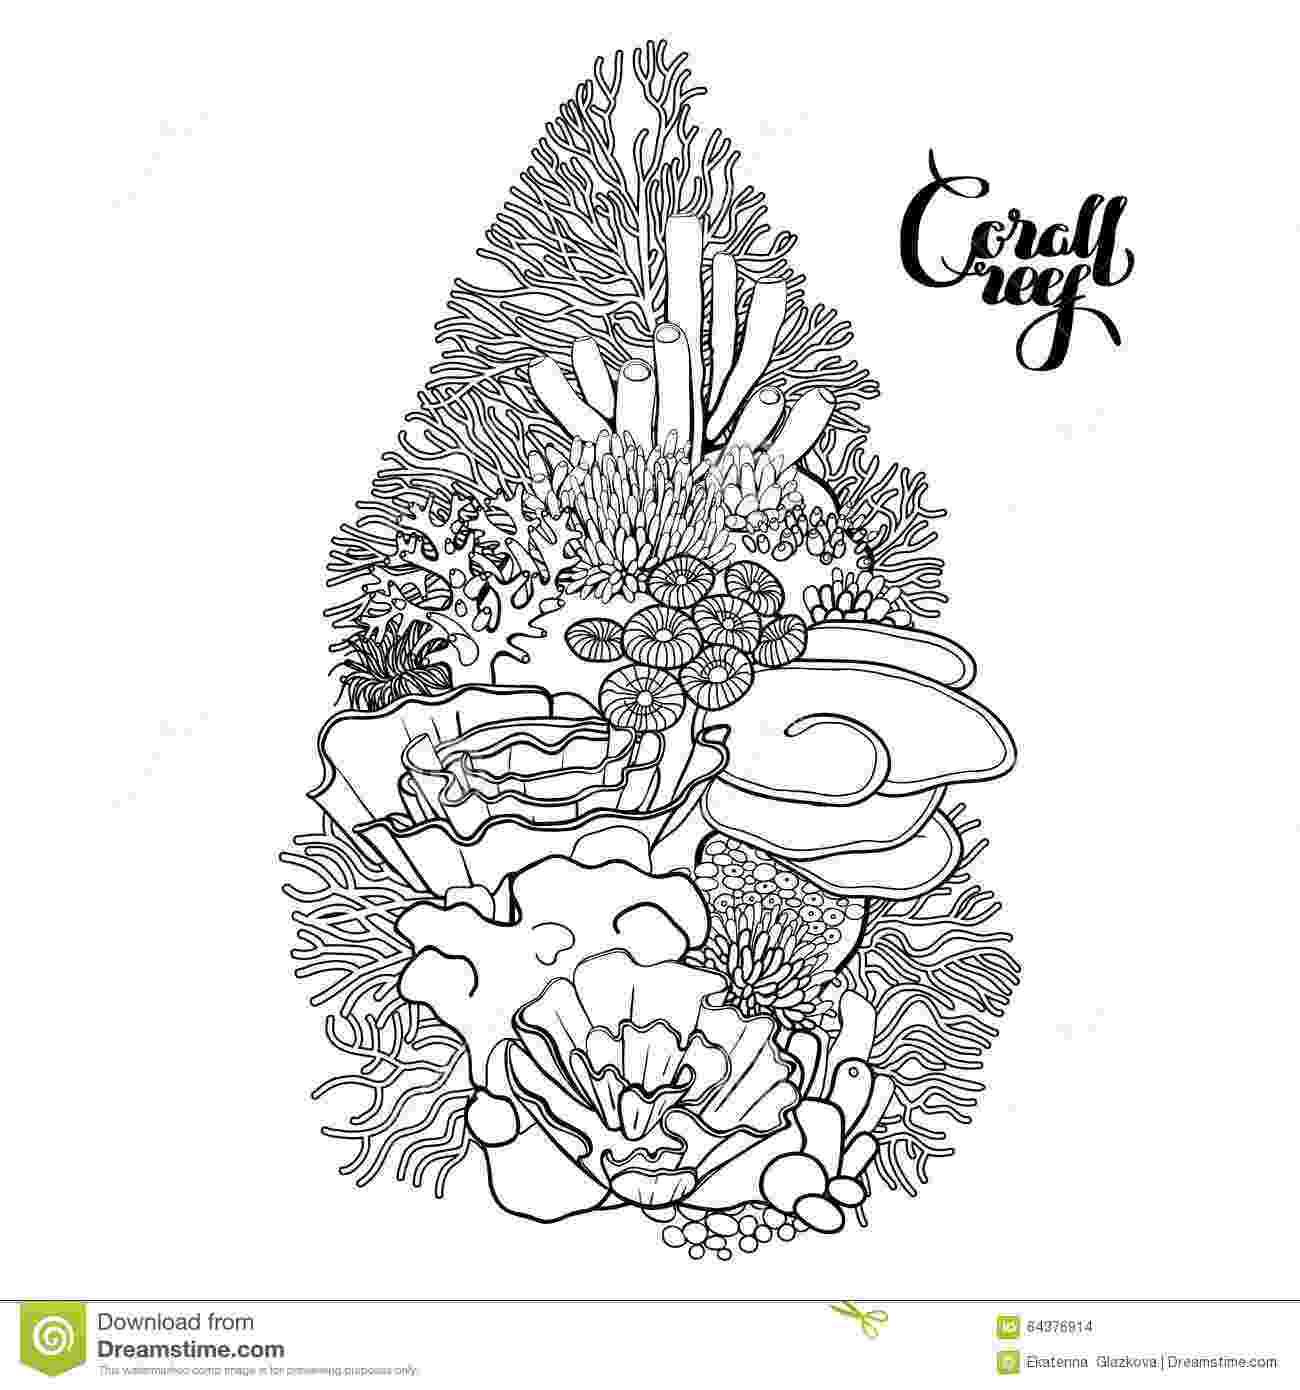 ocean plants coloring pages ocean plants coloring pages adults coral colors coral coloring ocean pages plants